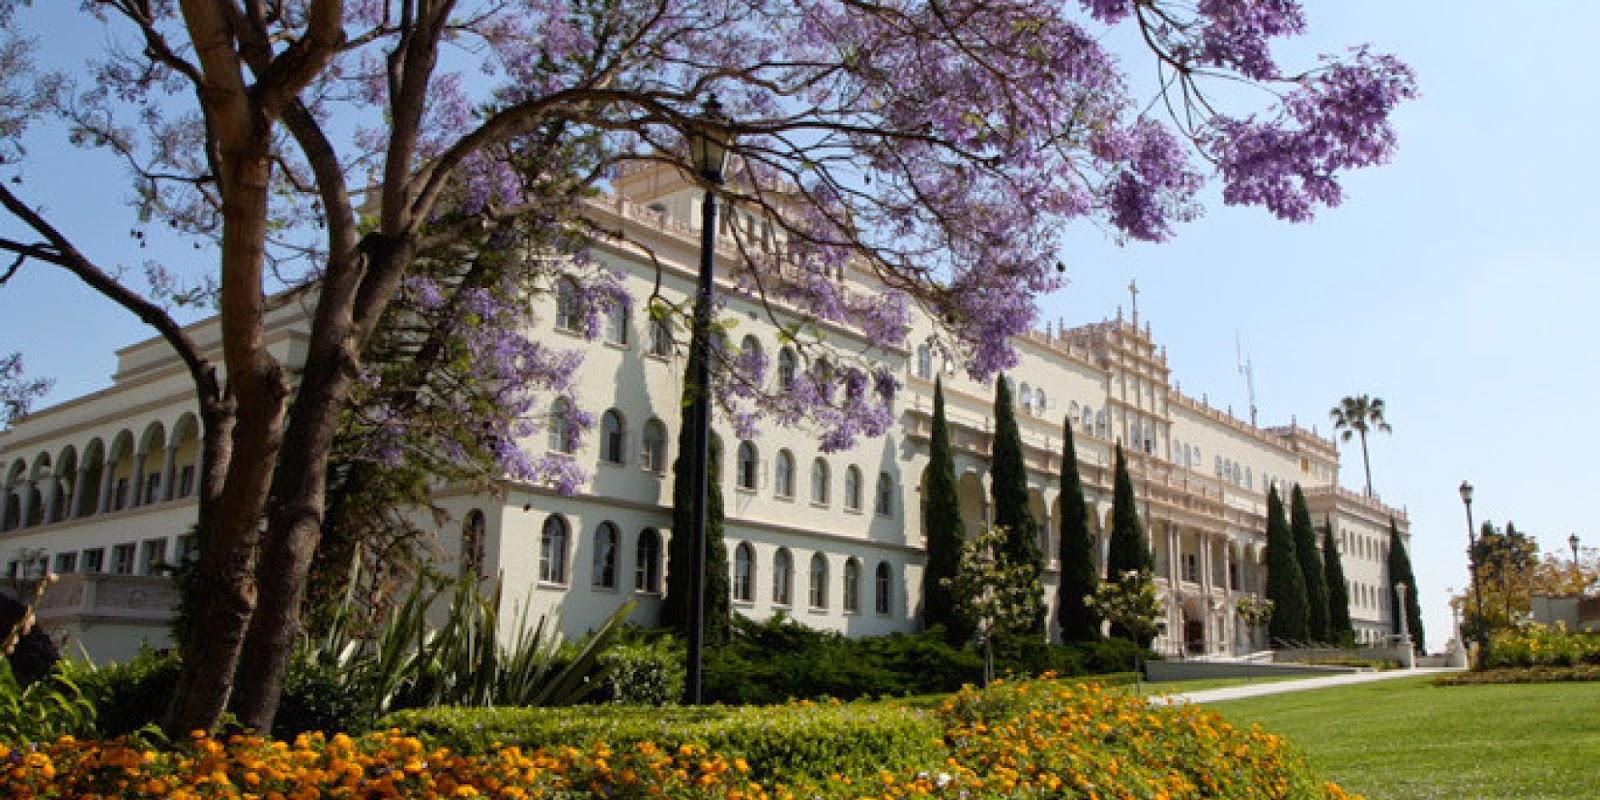 Πανεπιστημίου του Σαν Ντιέγκο